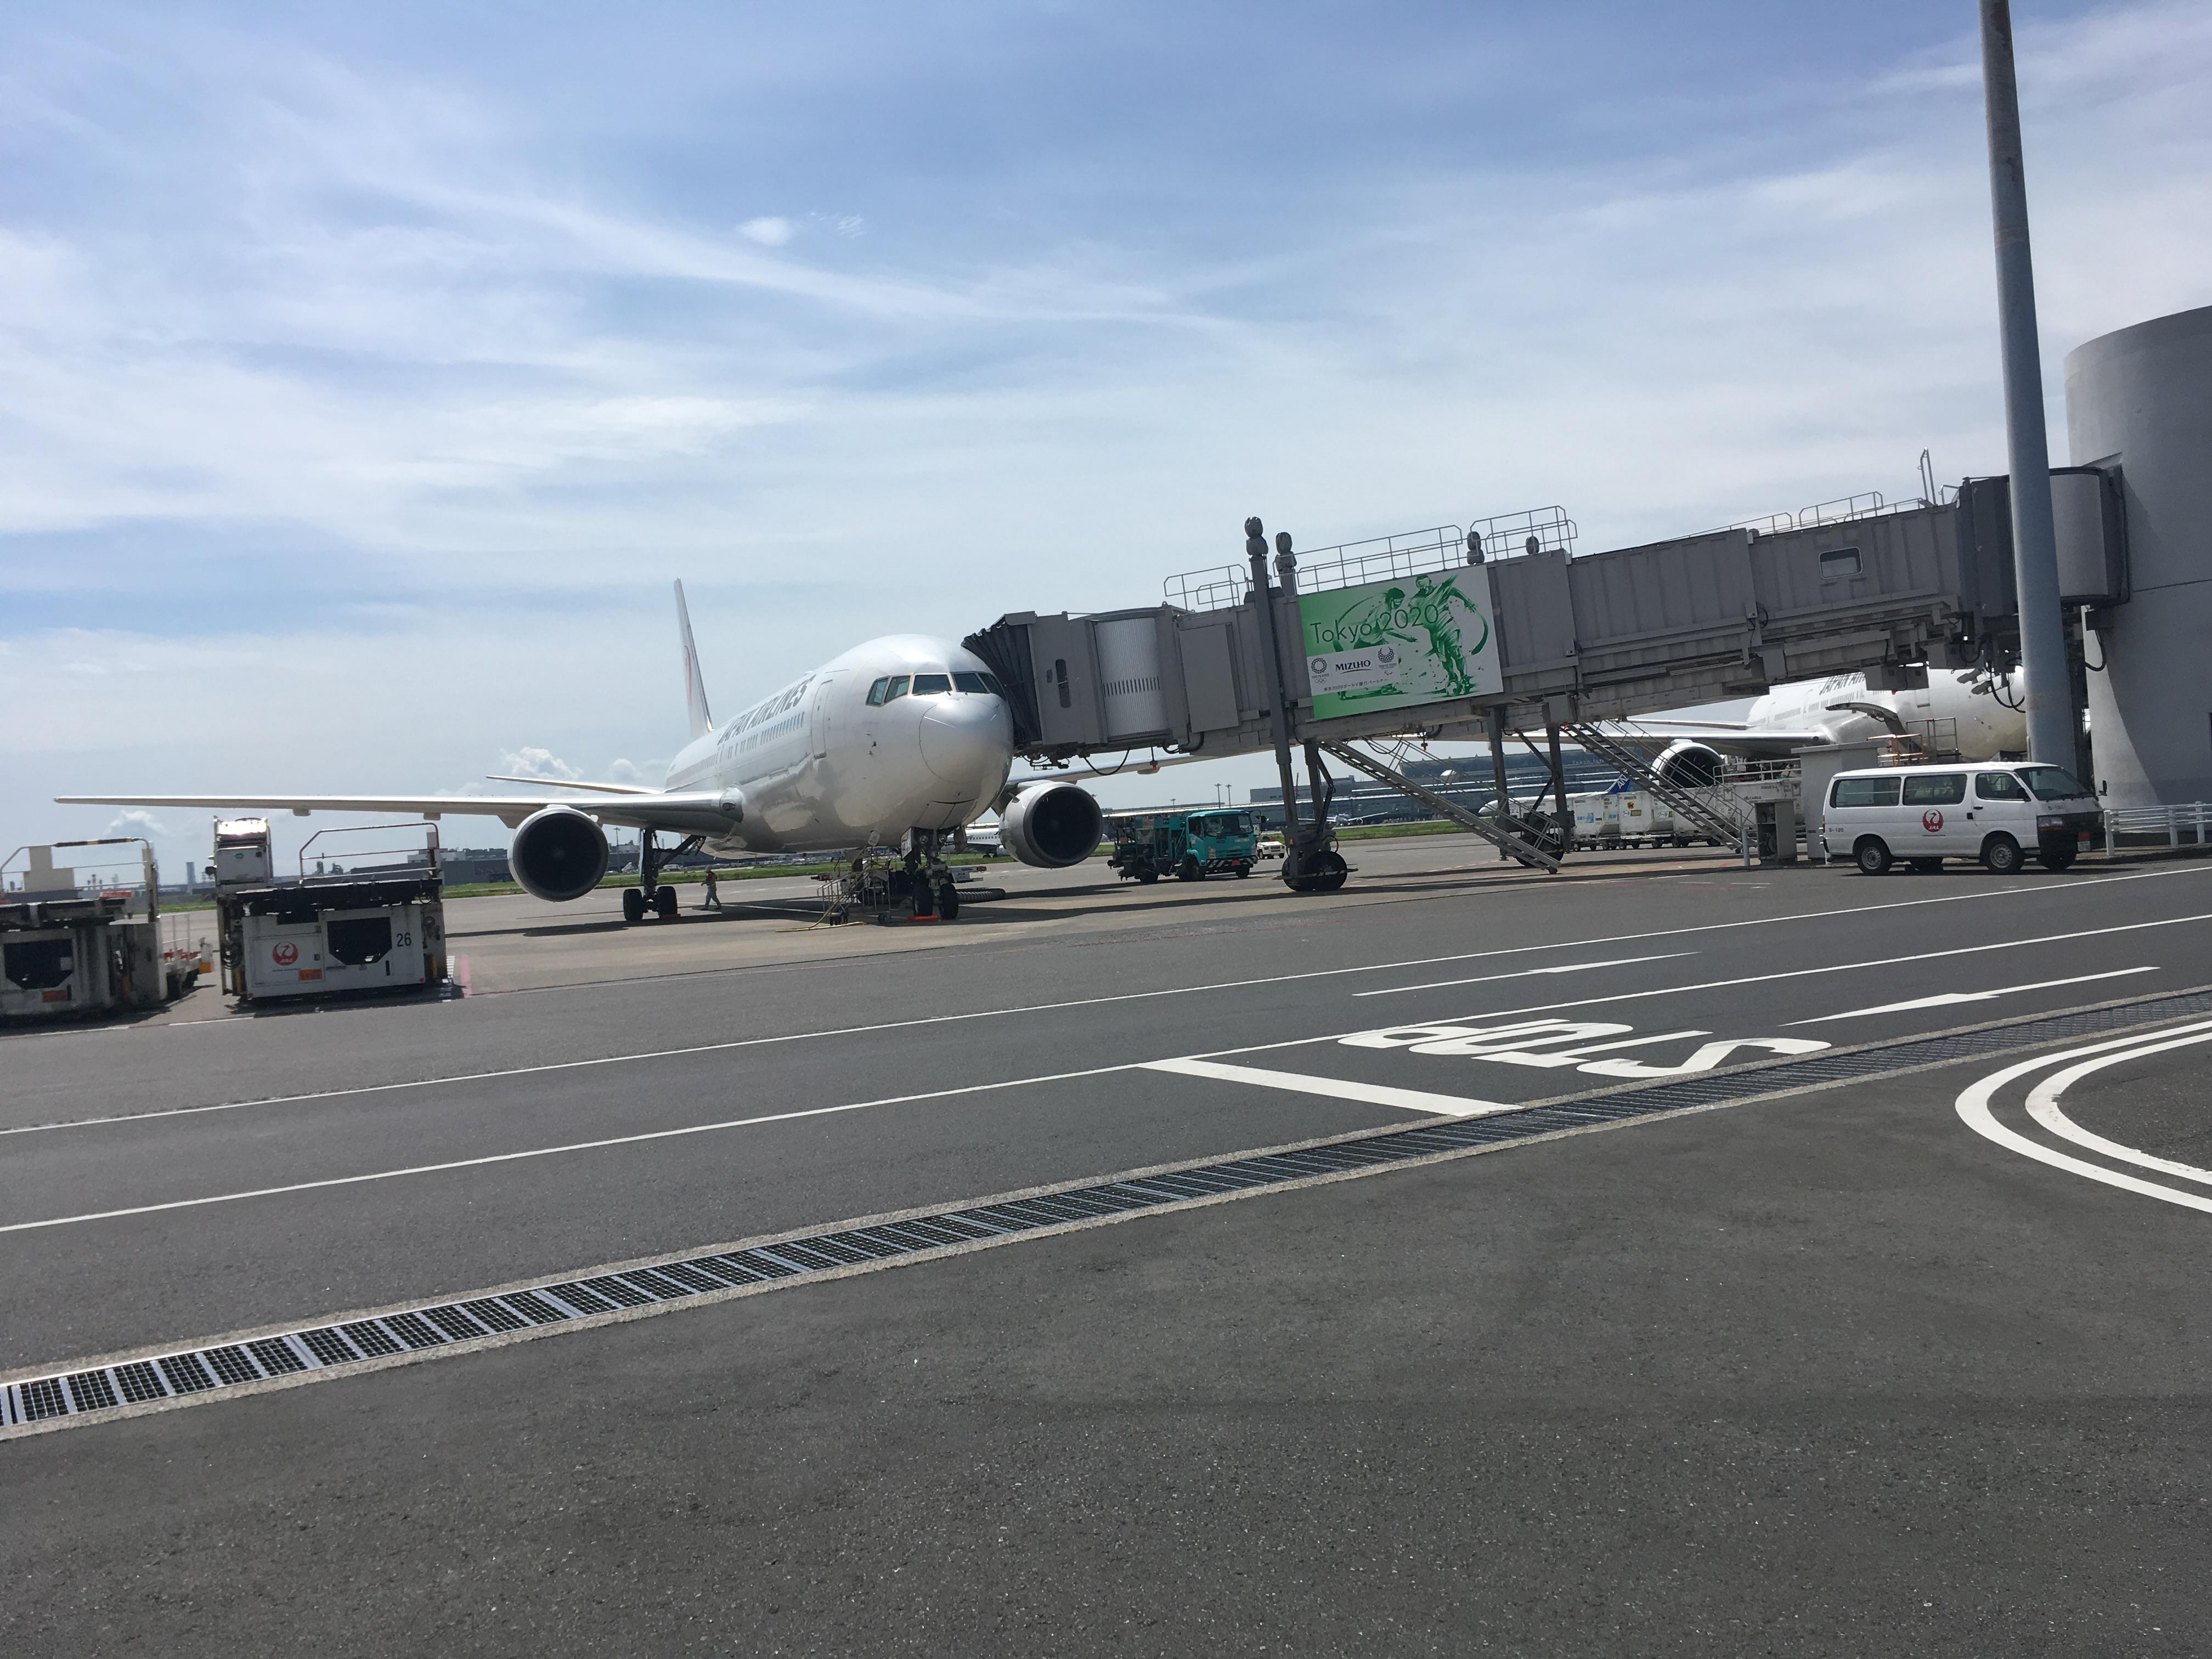 羽田空港,制限区域,飛行機,航空機,患者搬送,移送